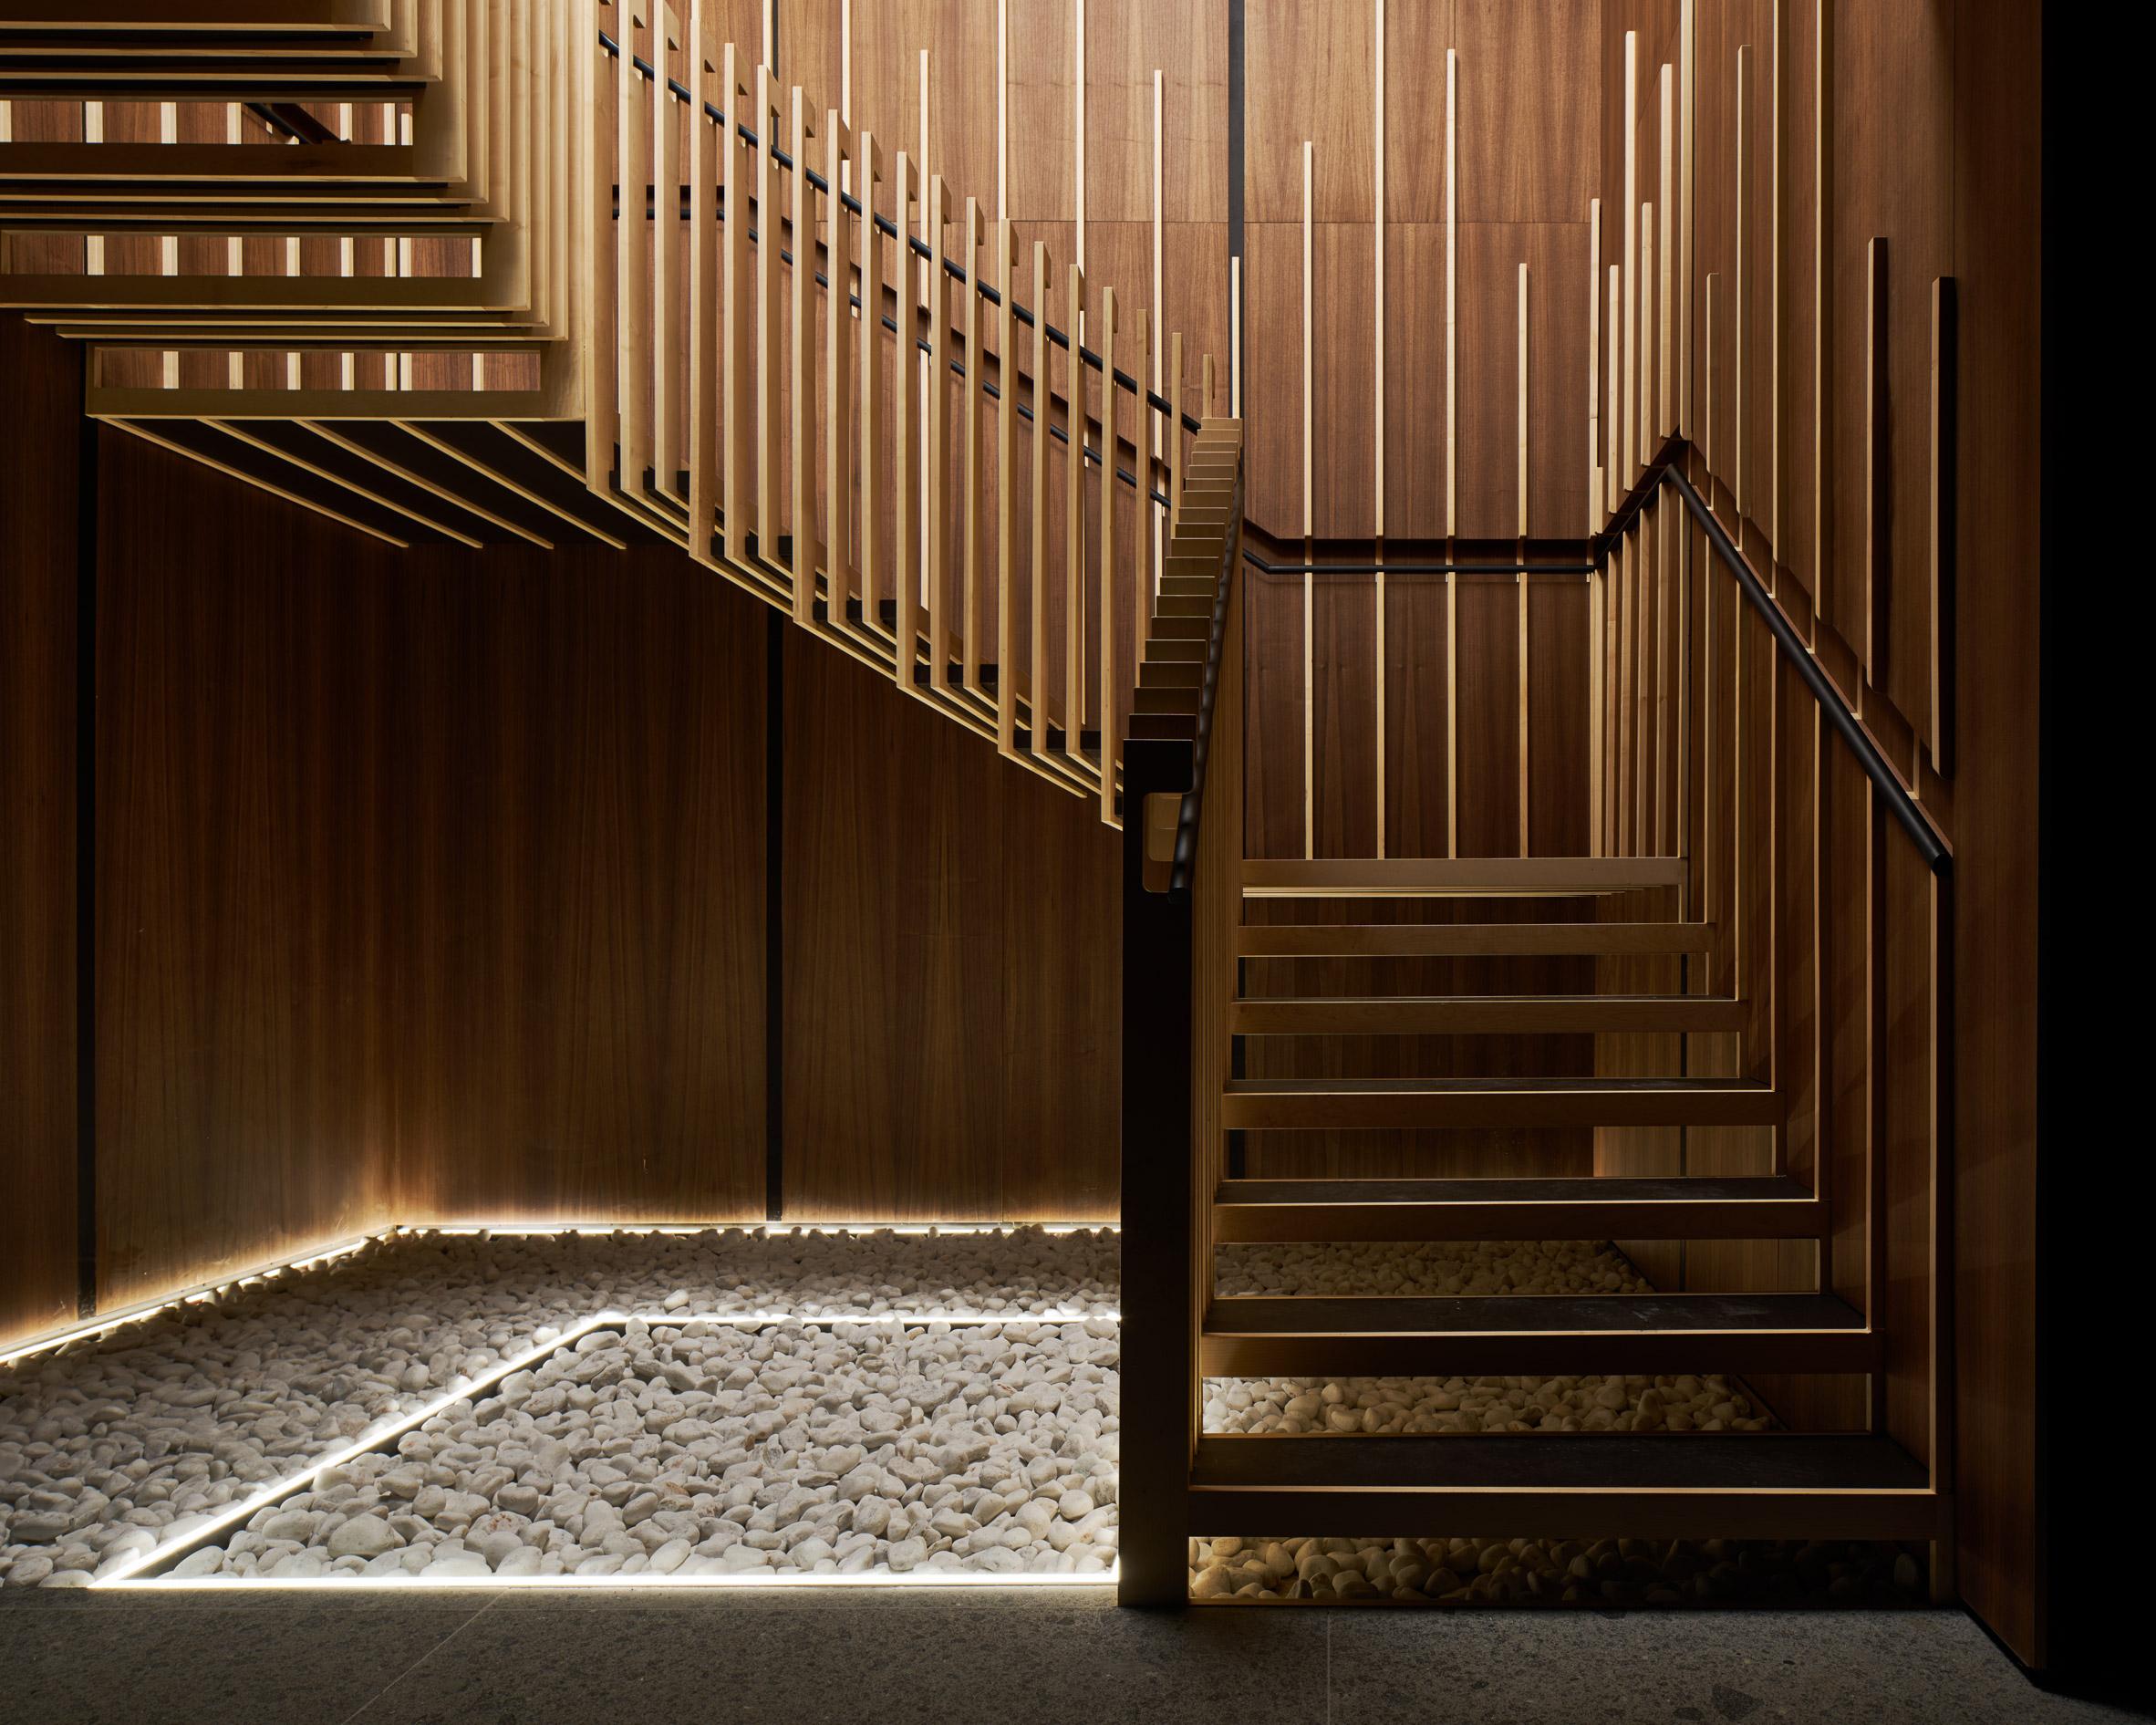 Thiết kế nội thất nhà hàng Nhật Bàn 4